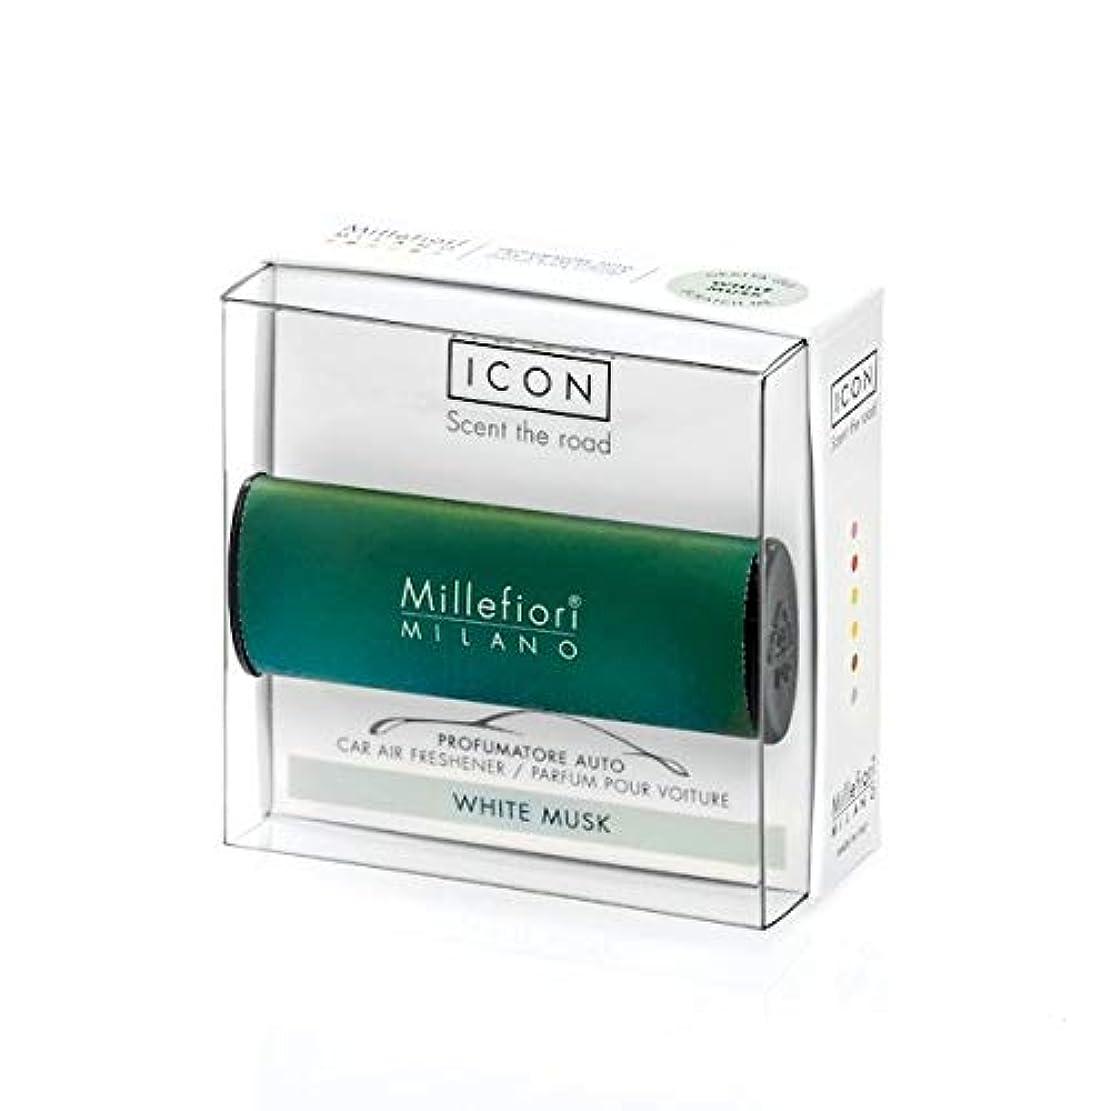 確率誠実申し立てミッレフィオーリ(Millefiori) カーエアフレッシュナー ICON CLASSIC GREEN - ホワイトムスク(WHITE MUSK) [並行輸入品]